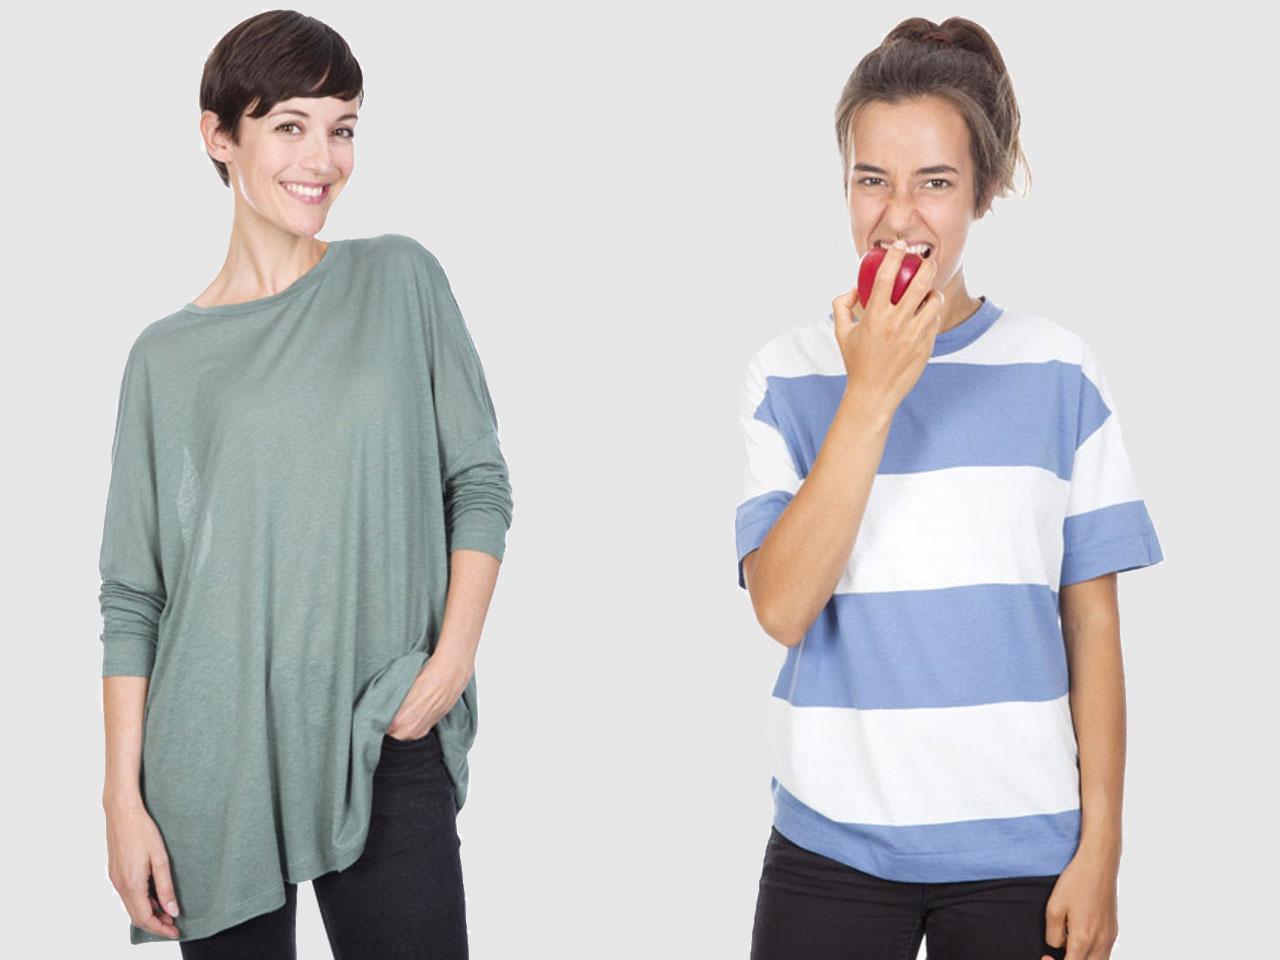 Subteaser-Mode-Frauen-2594a6273ca5d9